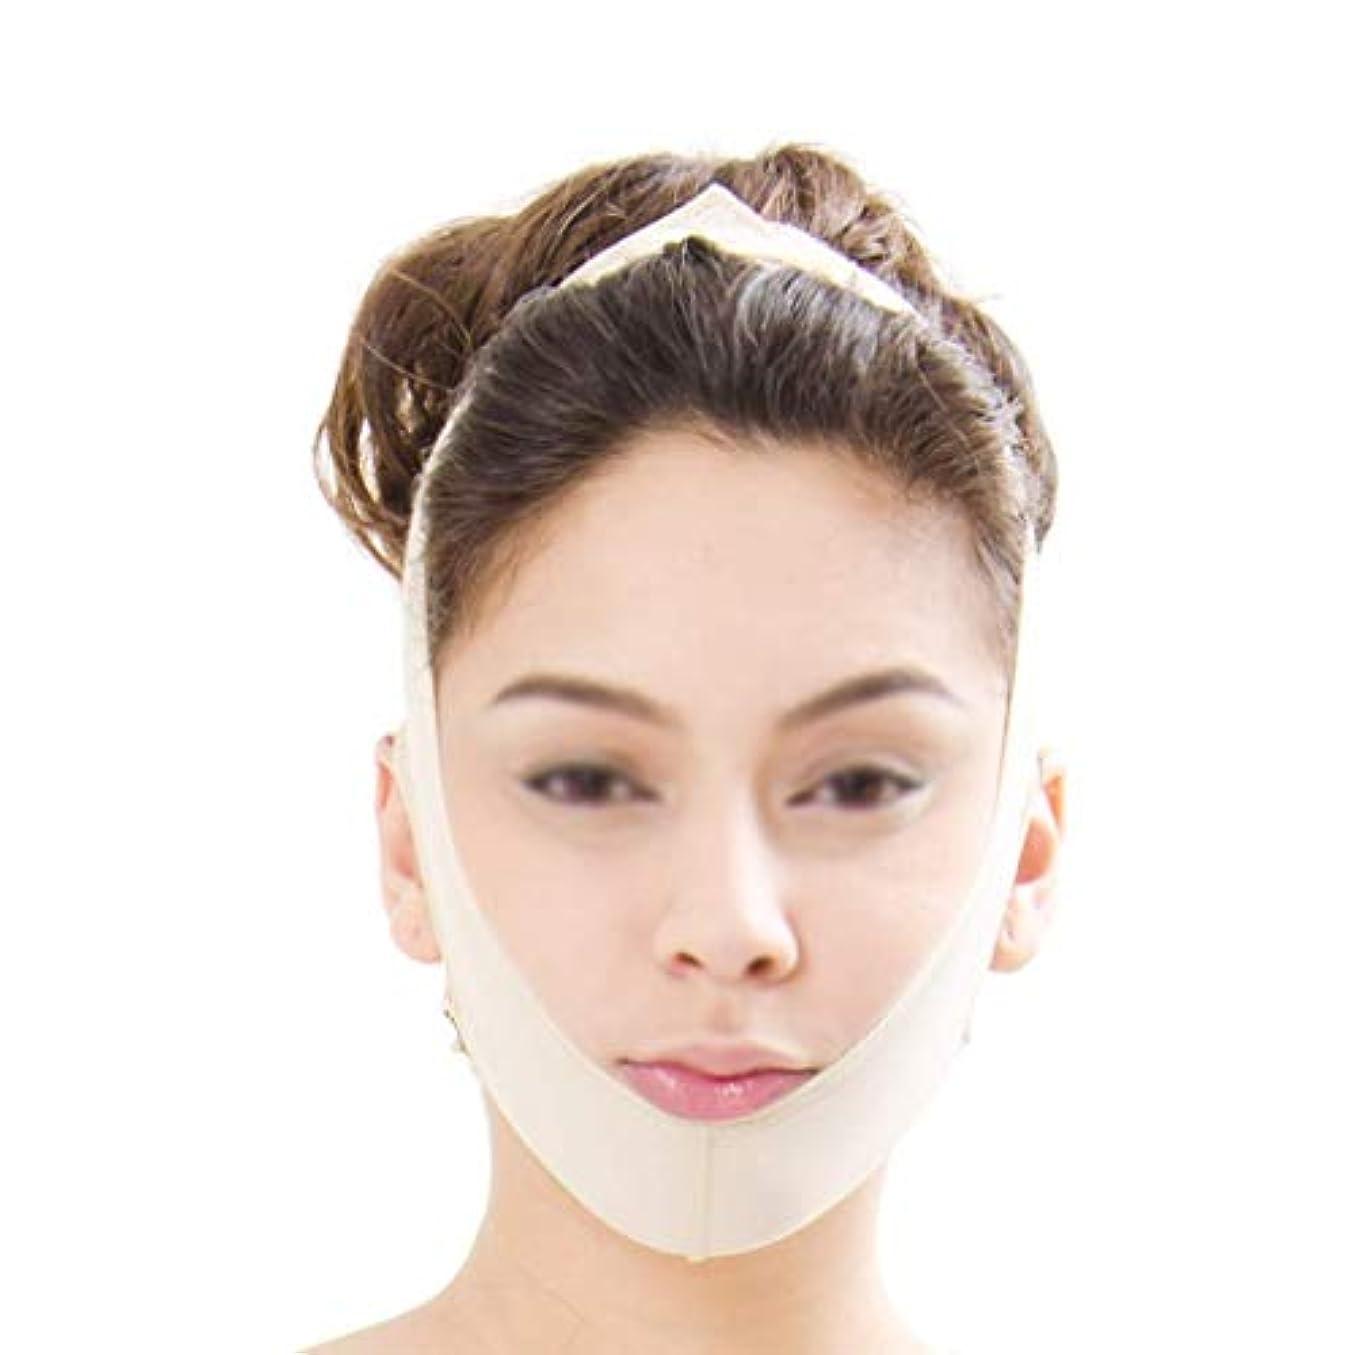 スタンド任命する貼り直すフェイススリミングバンデージ、フェイスリフティングマスク、フェイスリフティングバンデージ、フェイシャル減量マスク、ダブルチンケア減量(サイズ:M),S